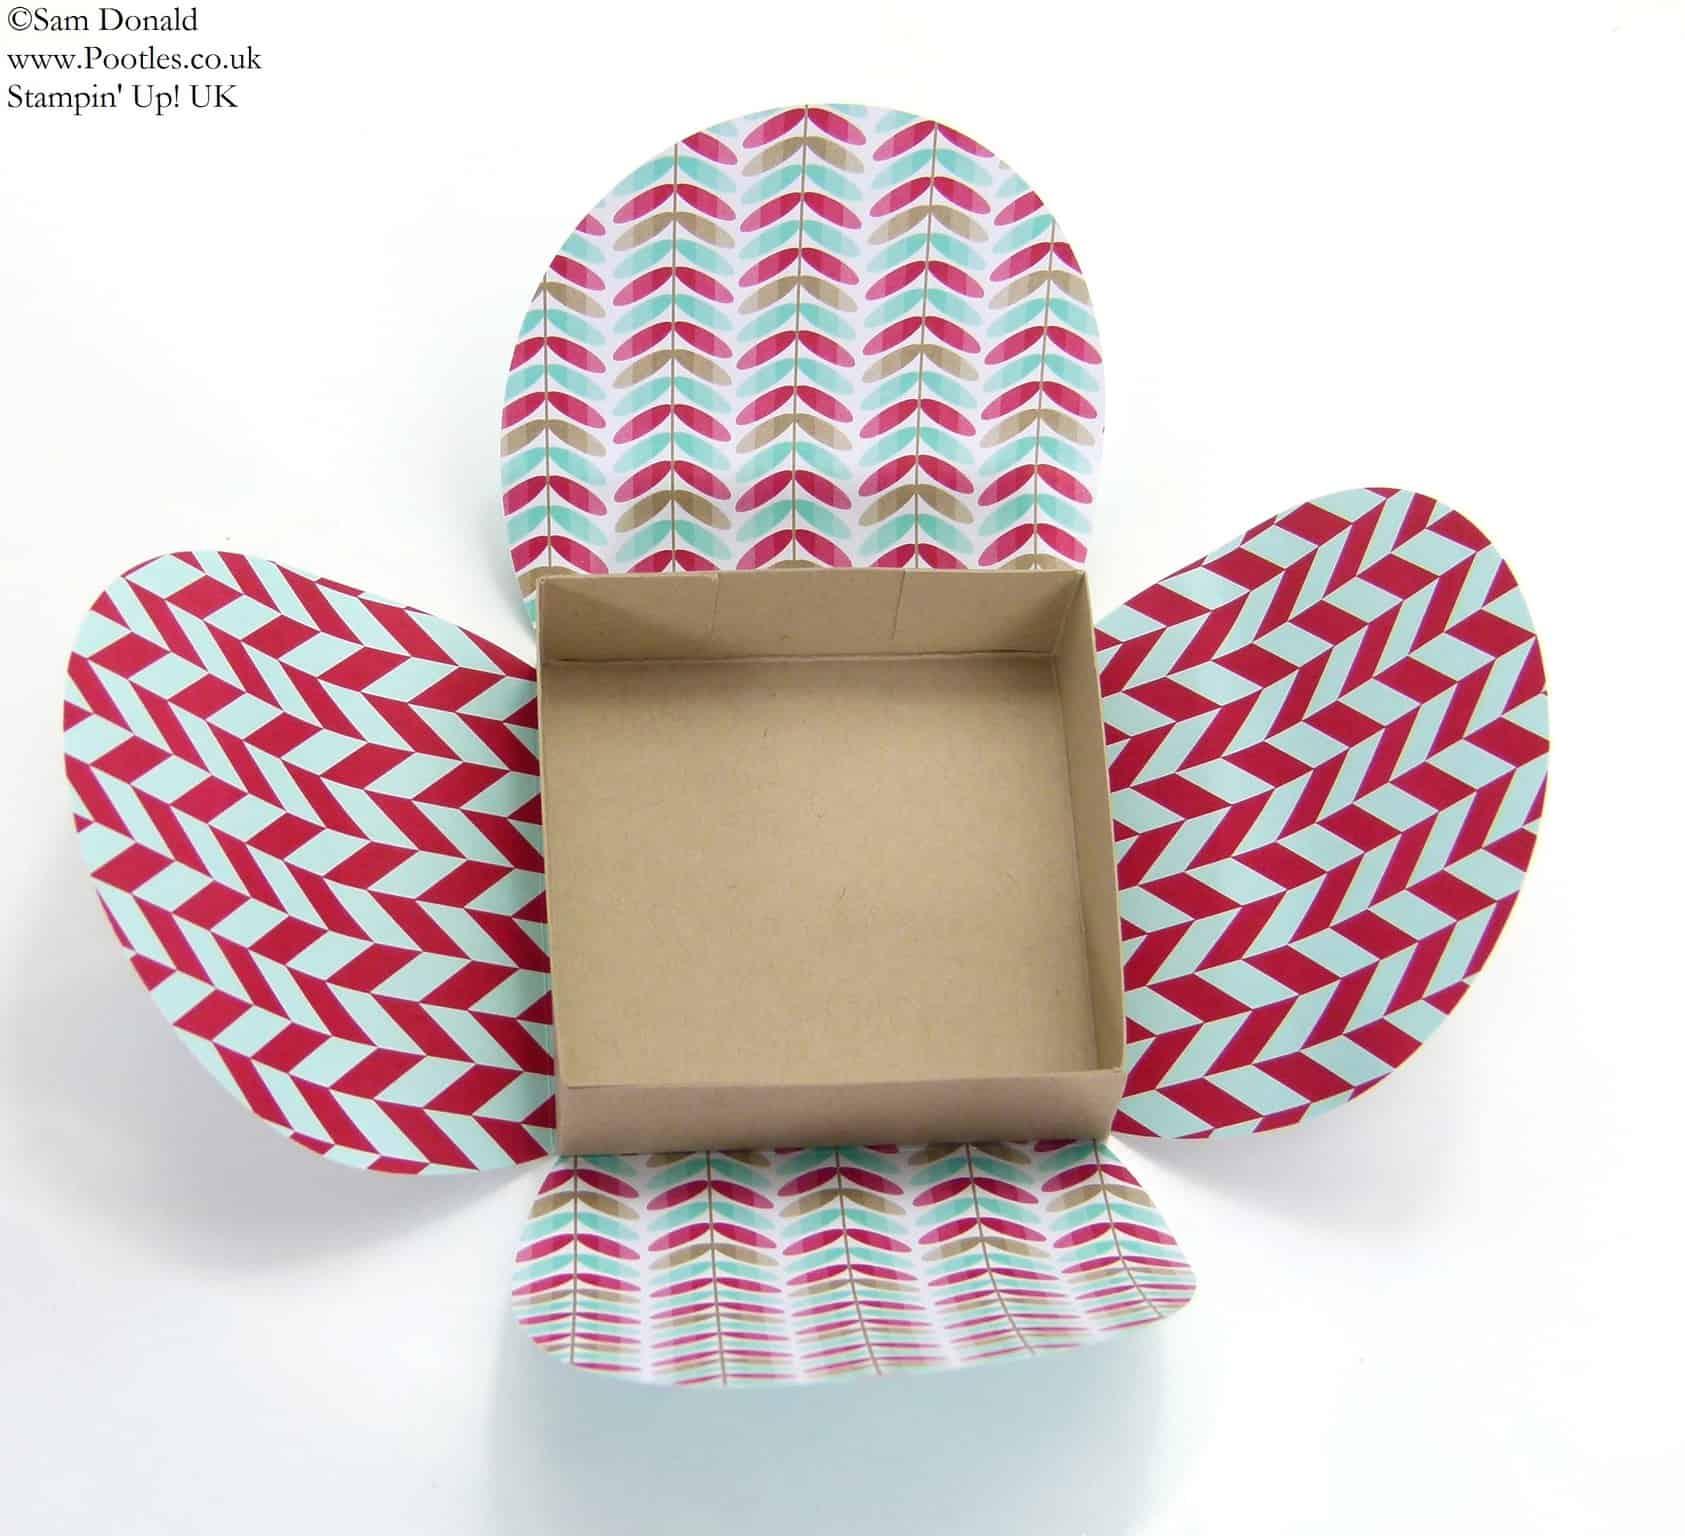 POOTLES Stampin' Up! UK Framelits Box Tutorial 2